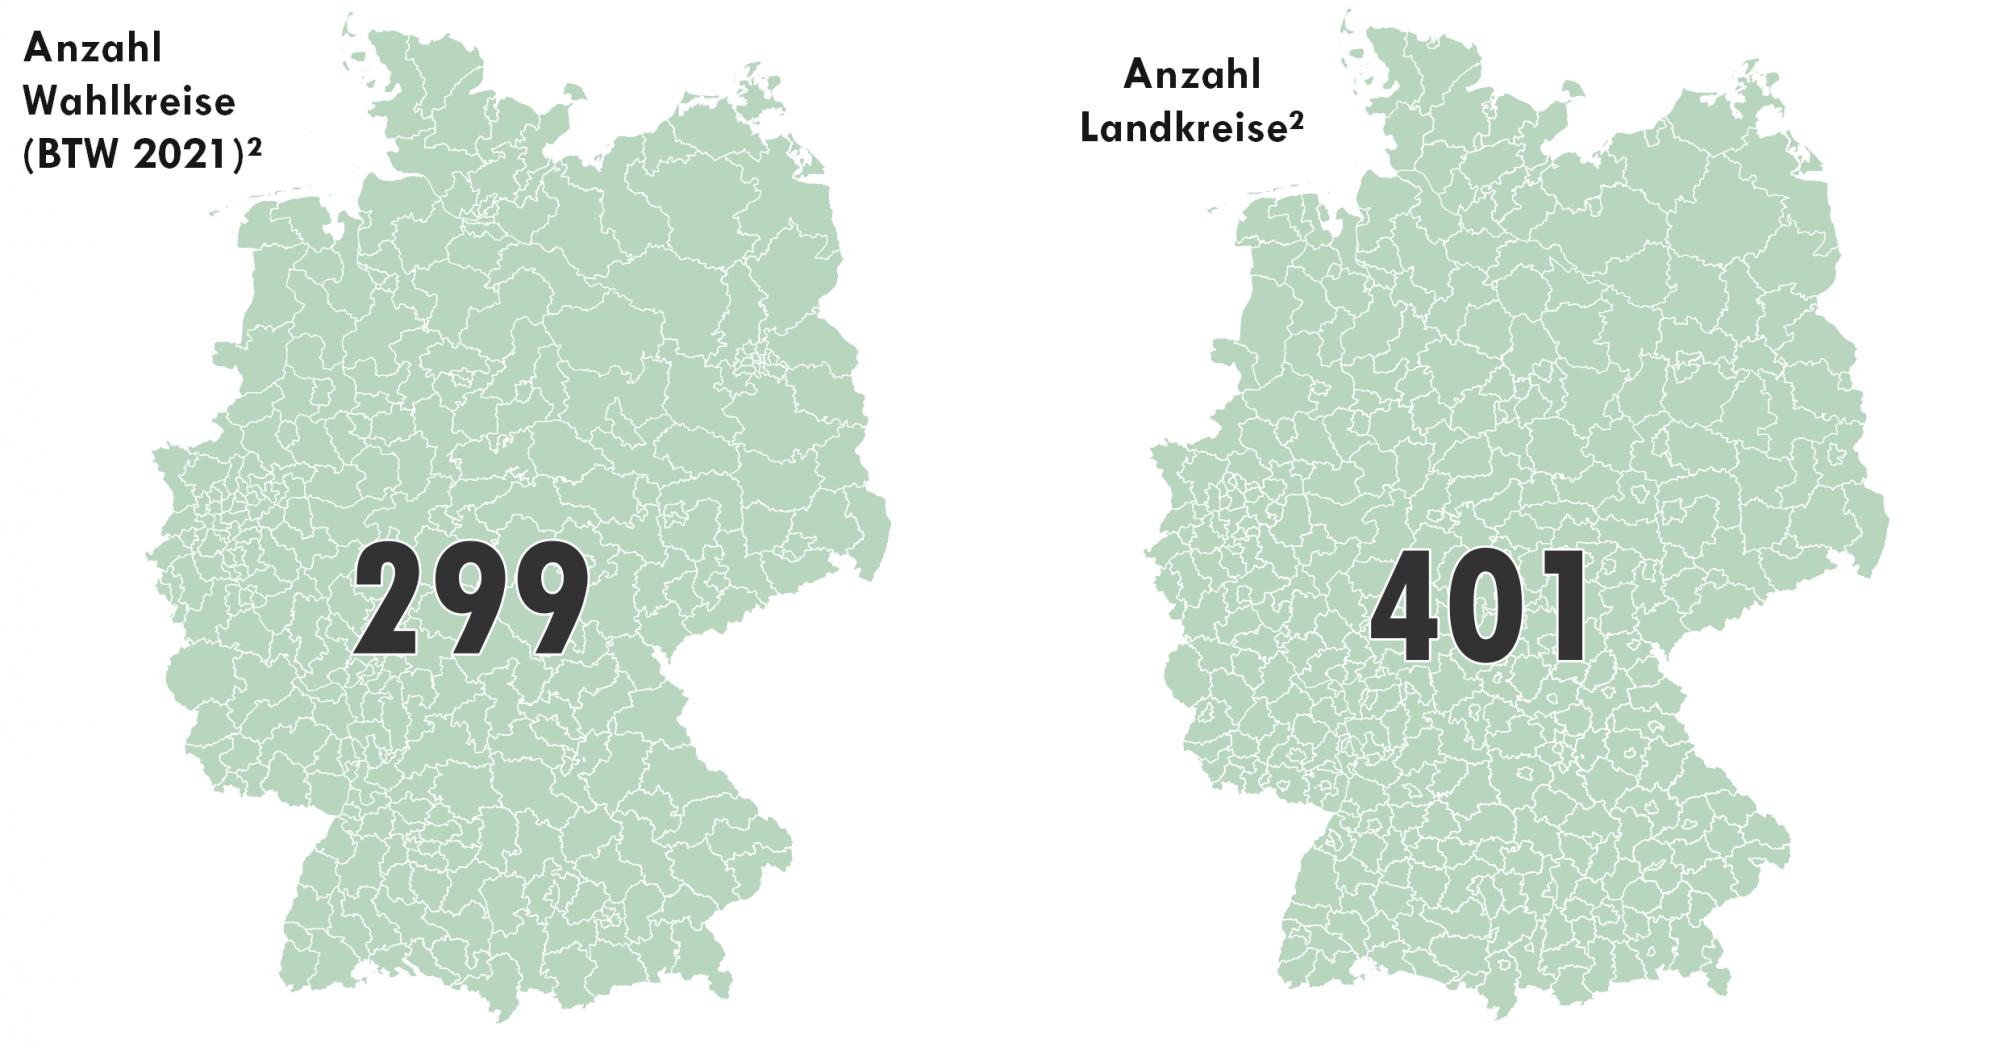 Vergleich Anzahl Wahlkreise für die Bundestagswahl 2021 mit den Landkreisen